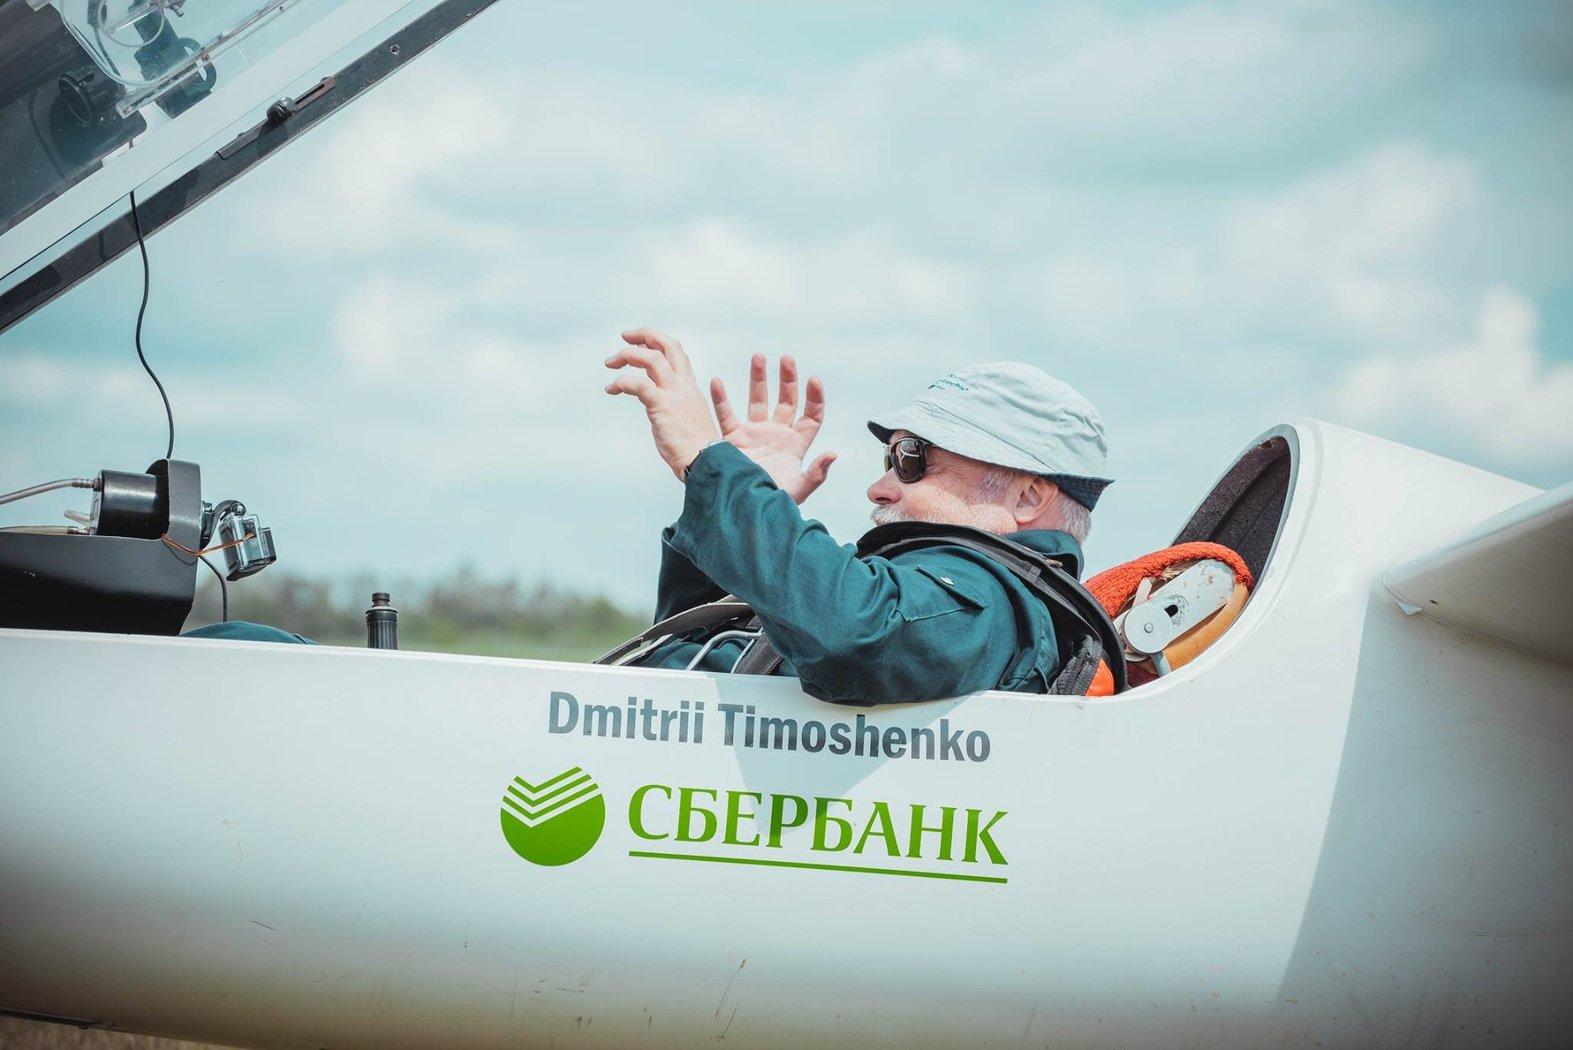 timoshenko.jpg